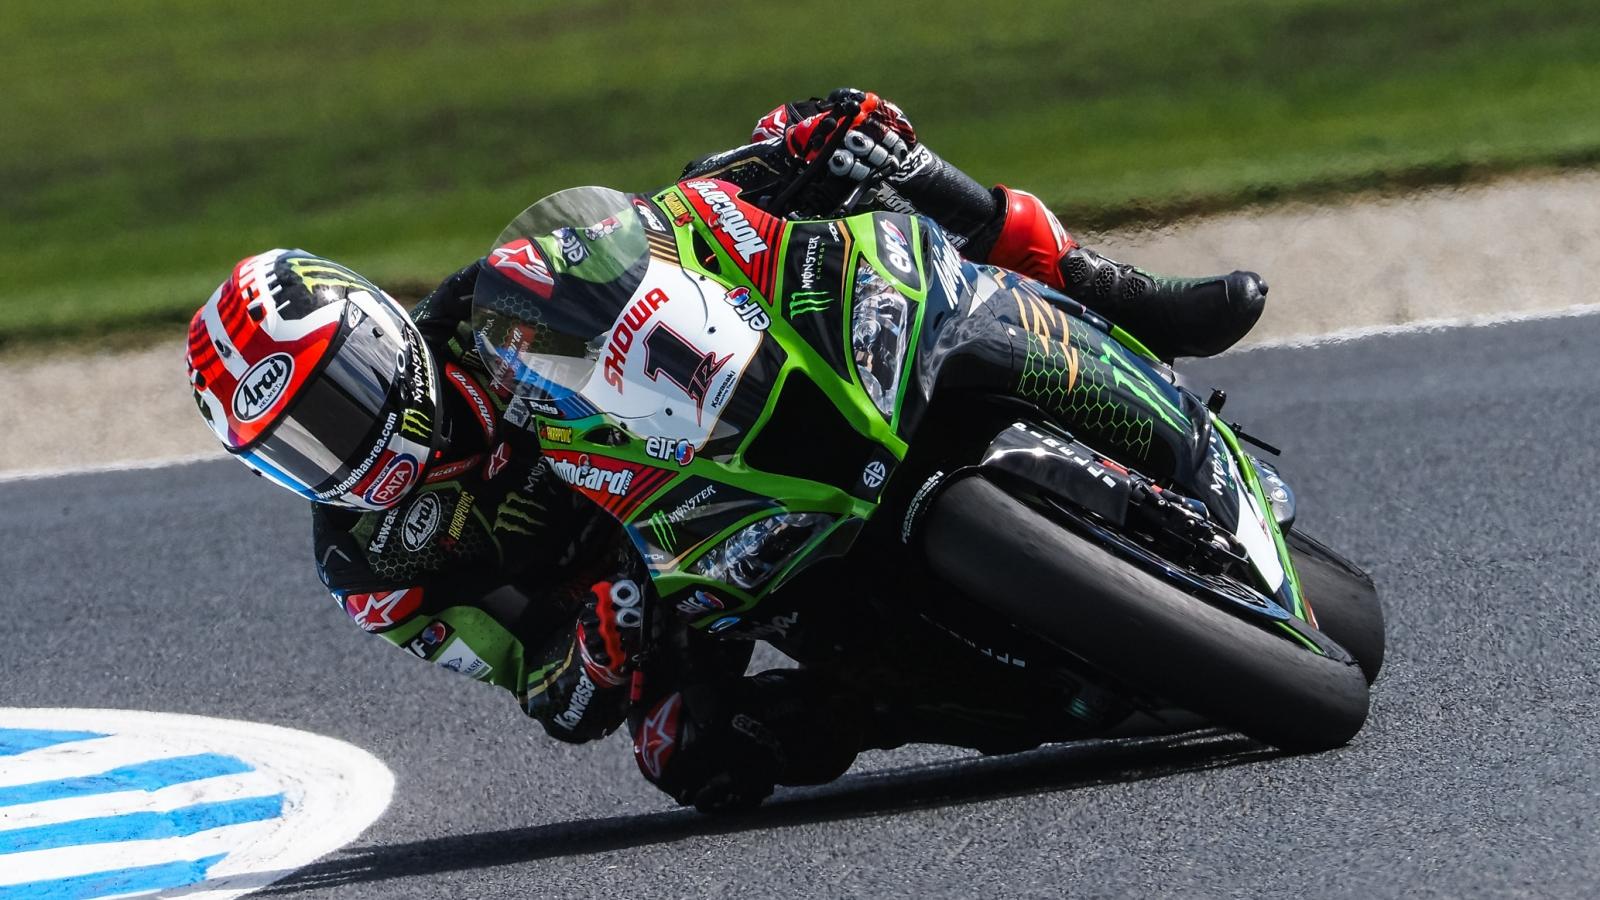 Jonathan Rea asoma y Álvaro Bautista mejora mucho en el último test antes de Superbike 2020